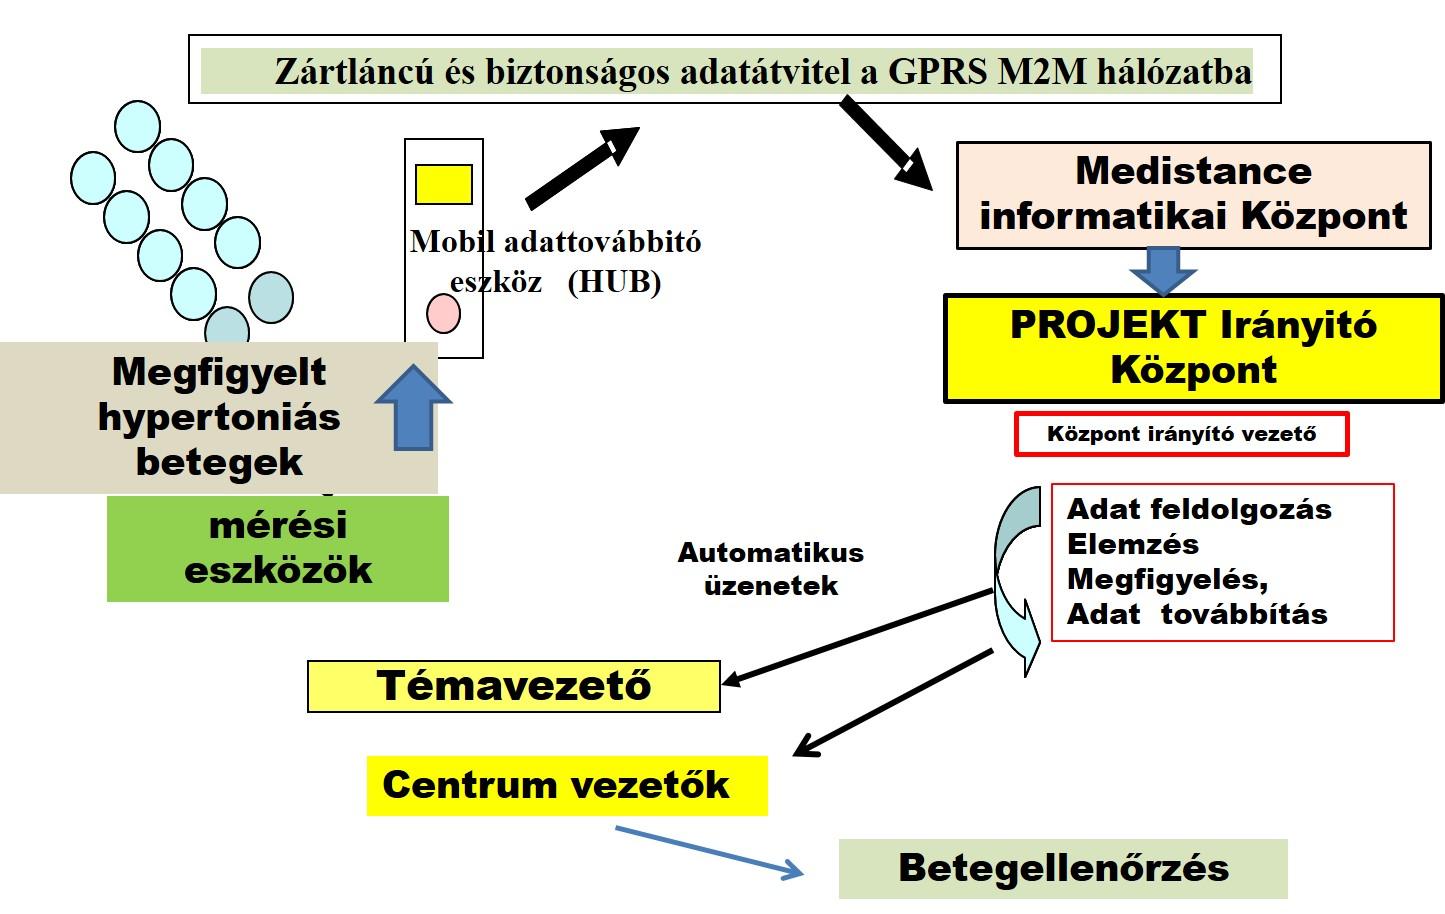 hipertóniás elemzések vizsgálata)